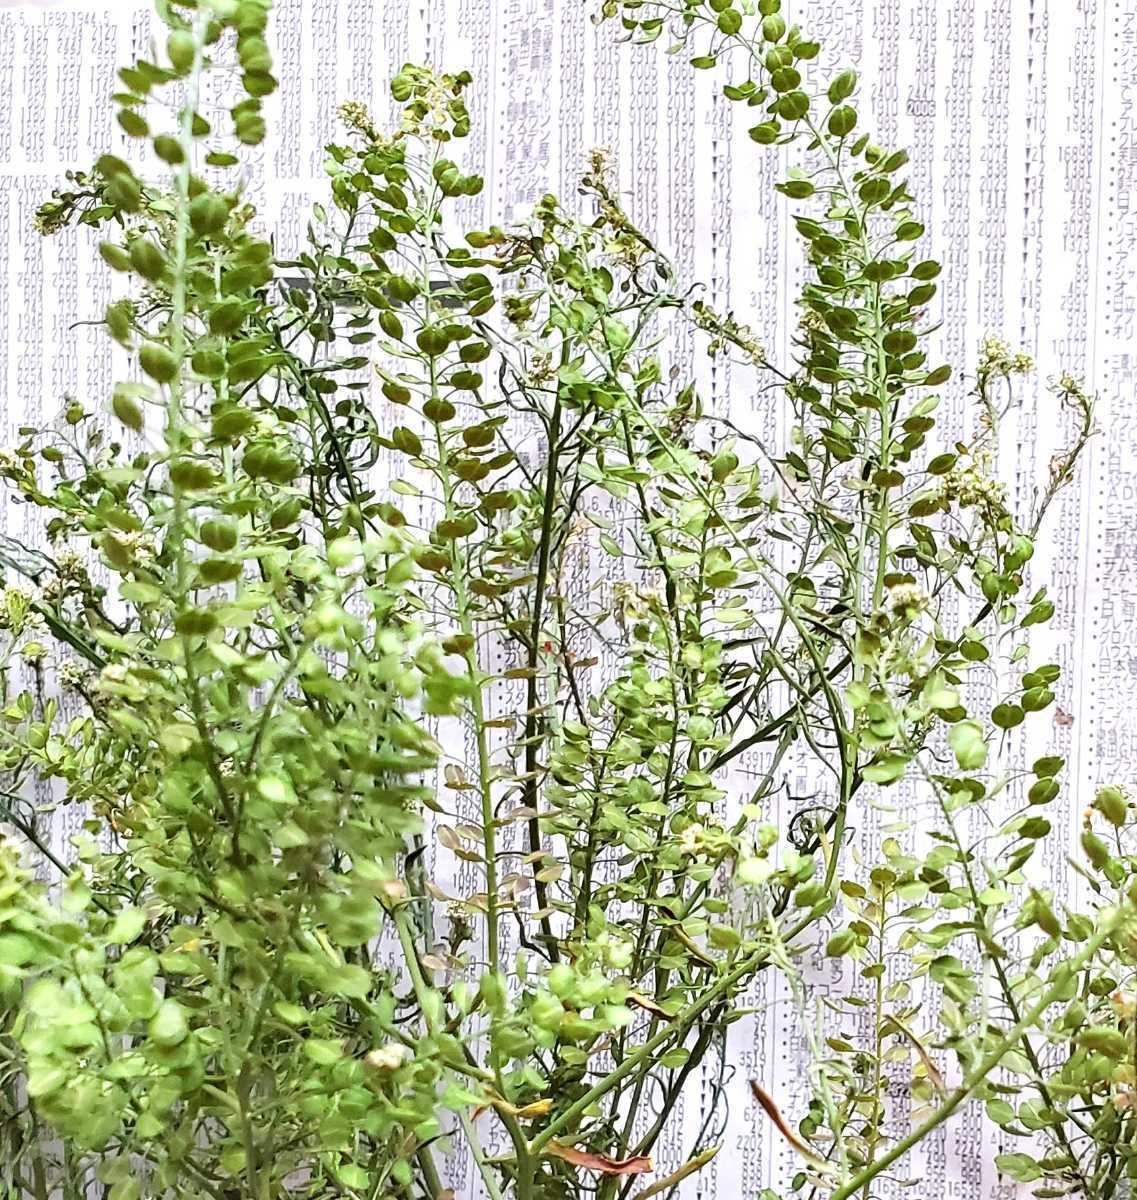 マメグンバイナズナ 種 100粒以上 アブラナ科 ドライフラワー スワッグ リース アレンジ 山野草 _画像4